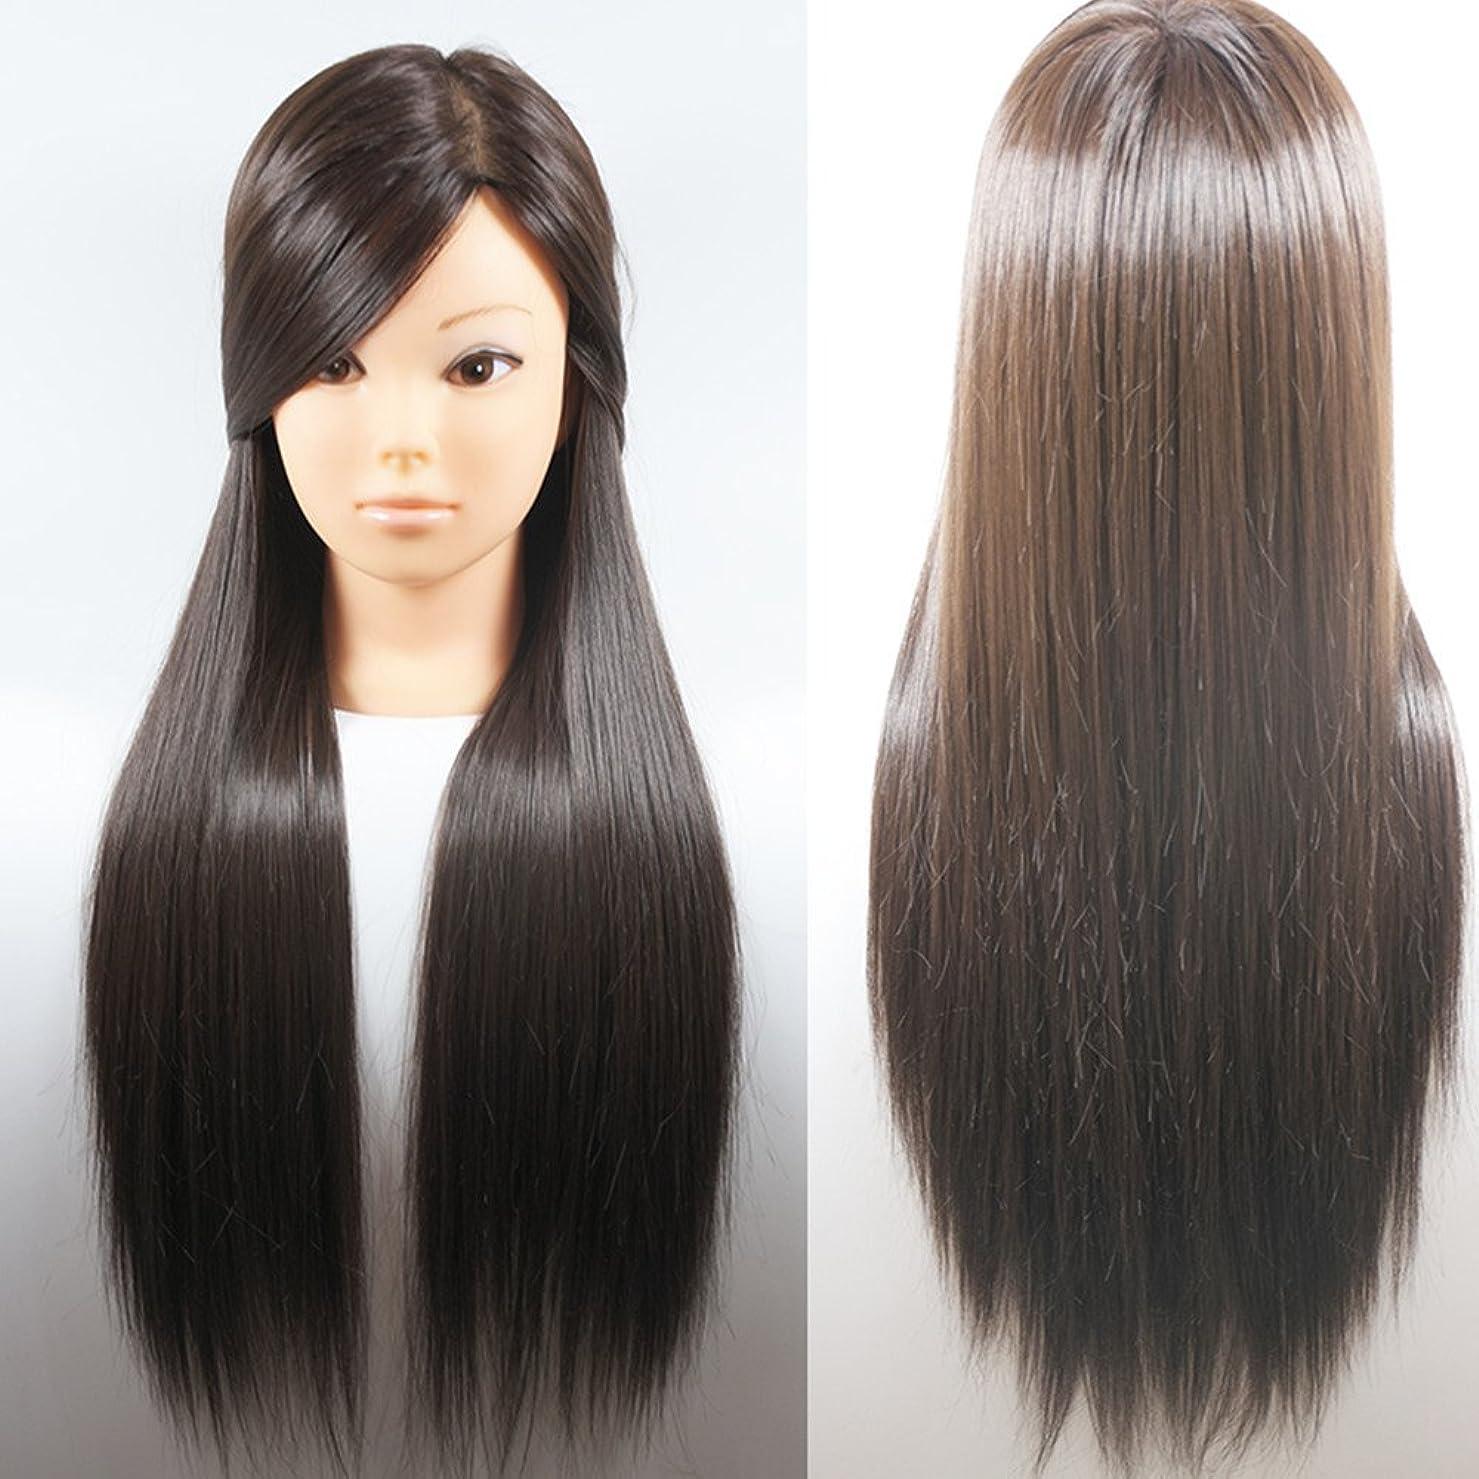 寛容なエンドテーブルかすれたヘアメイク実践トレーニング美容マネキンヘッド100%人工毛ーブロンドヘア66センチ